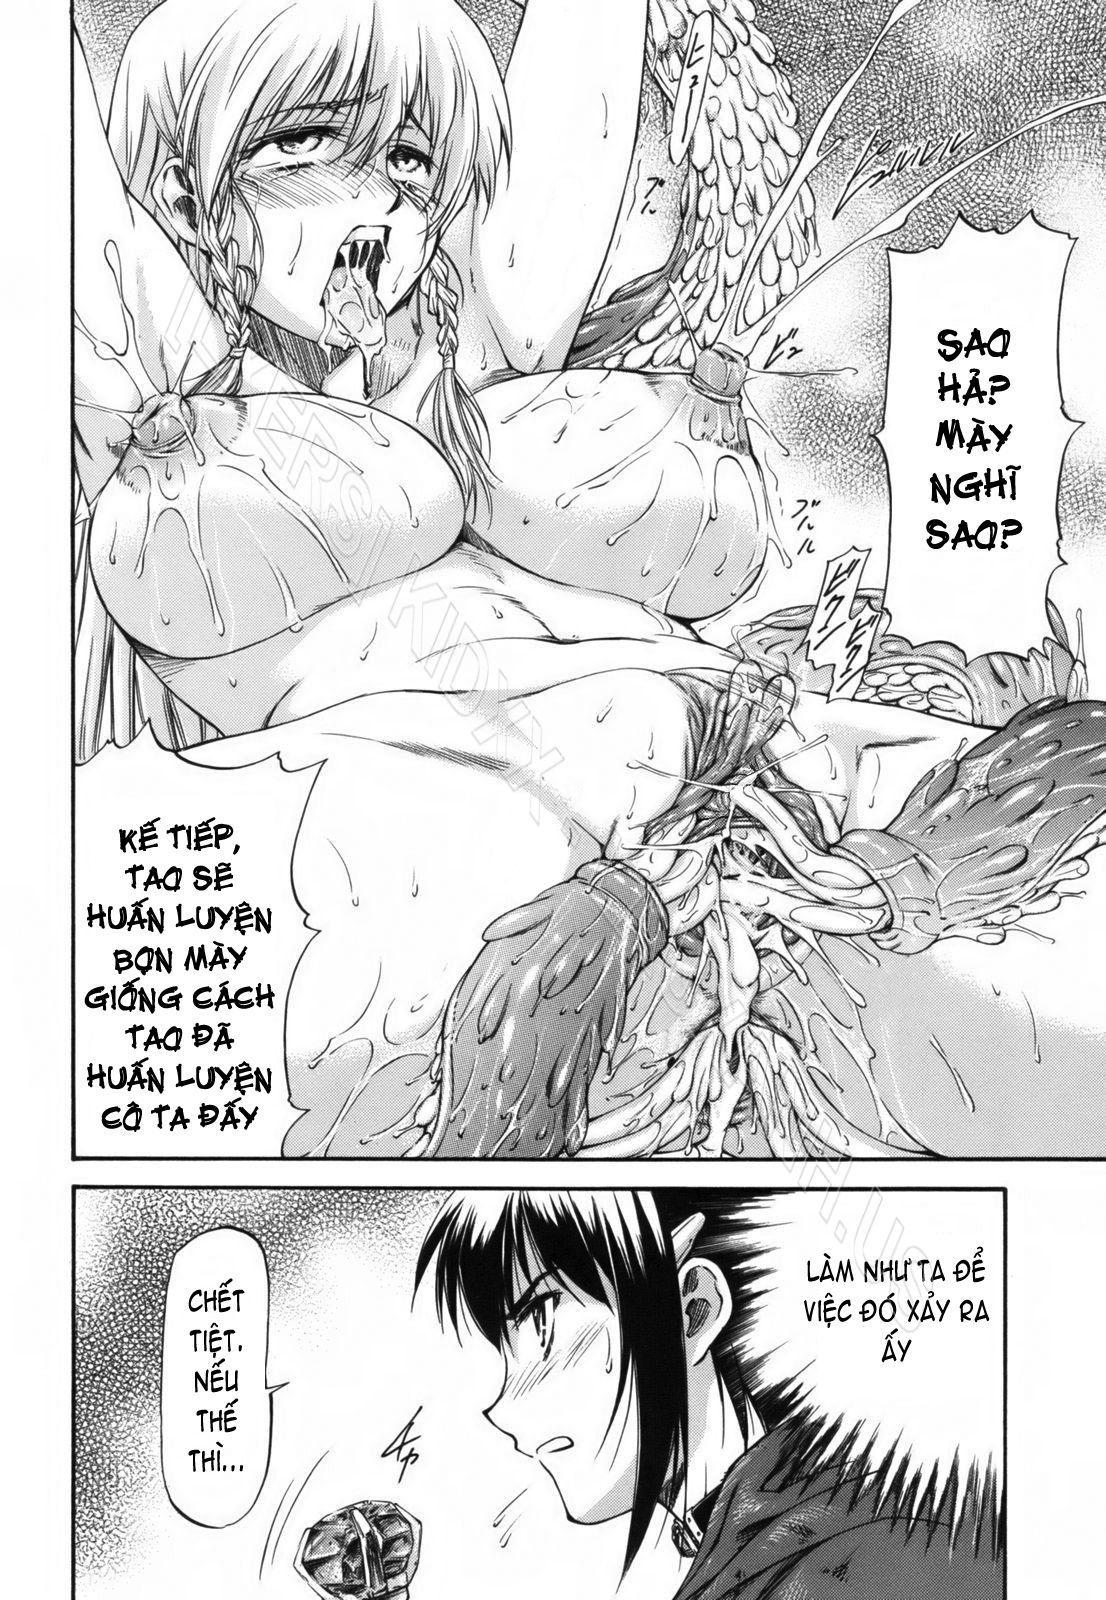 Hình ảnh Hinh_021 in Truyện tranh hentai không che: Parabellum